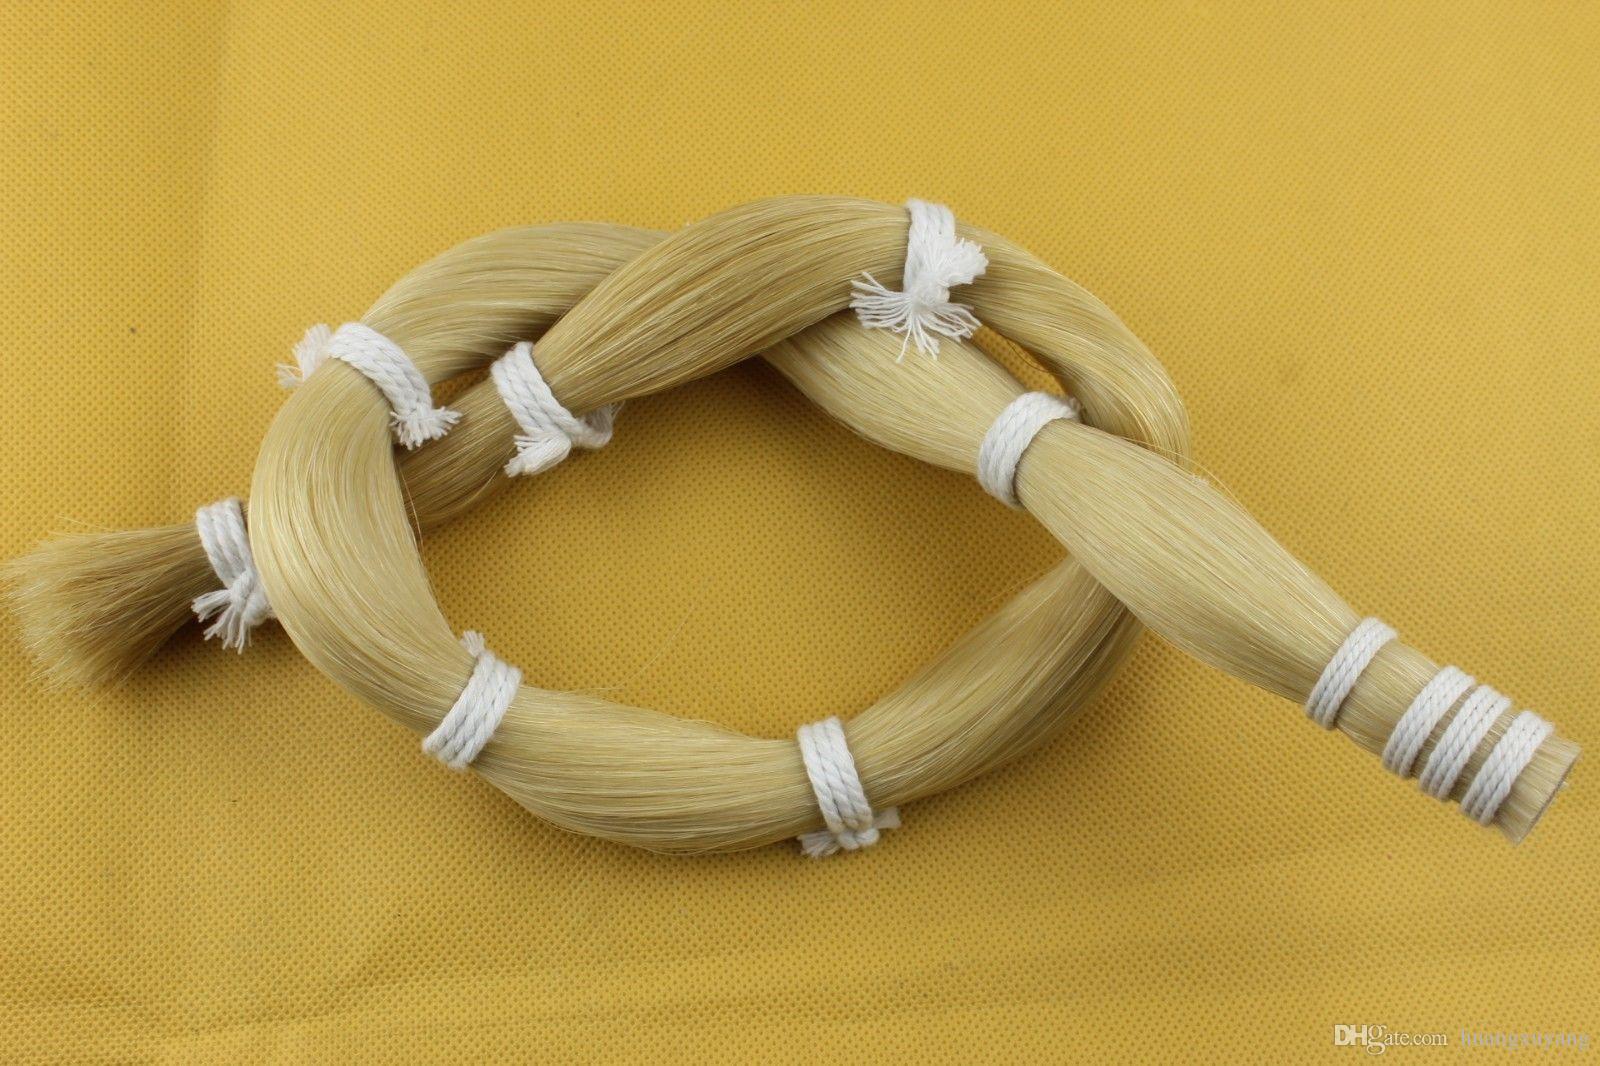 Cabello de cola de caballo blanco mongol de 250 g a granel Arco de violín de alta calidad